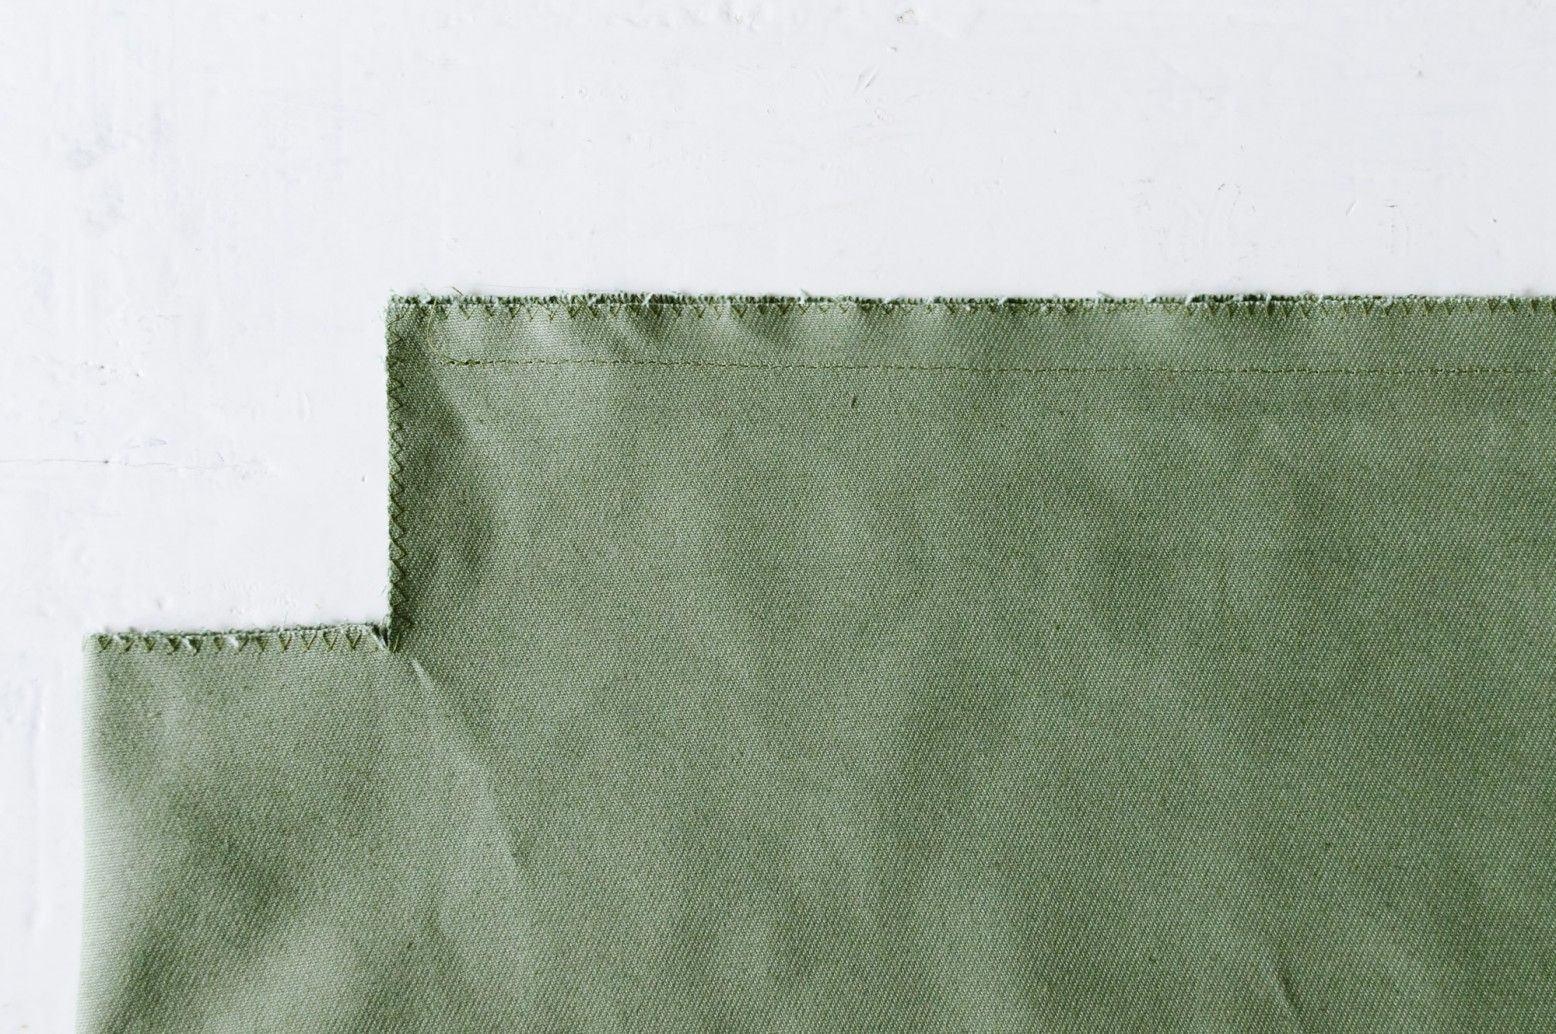 Khâu lại hai bên mép túi tote (Nguồn: Internet)